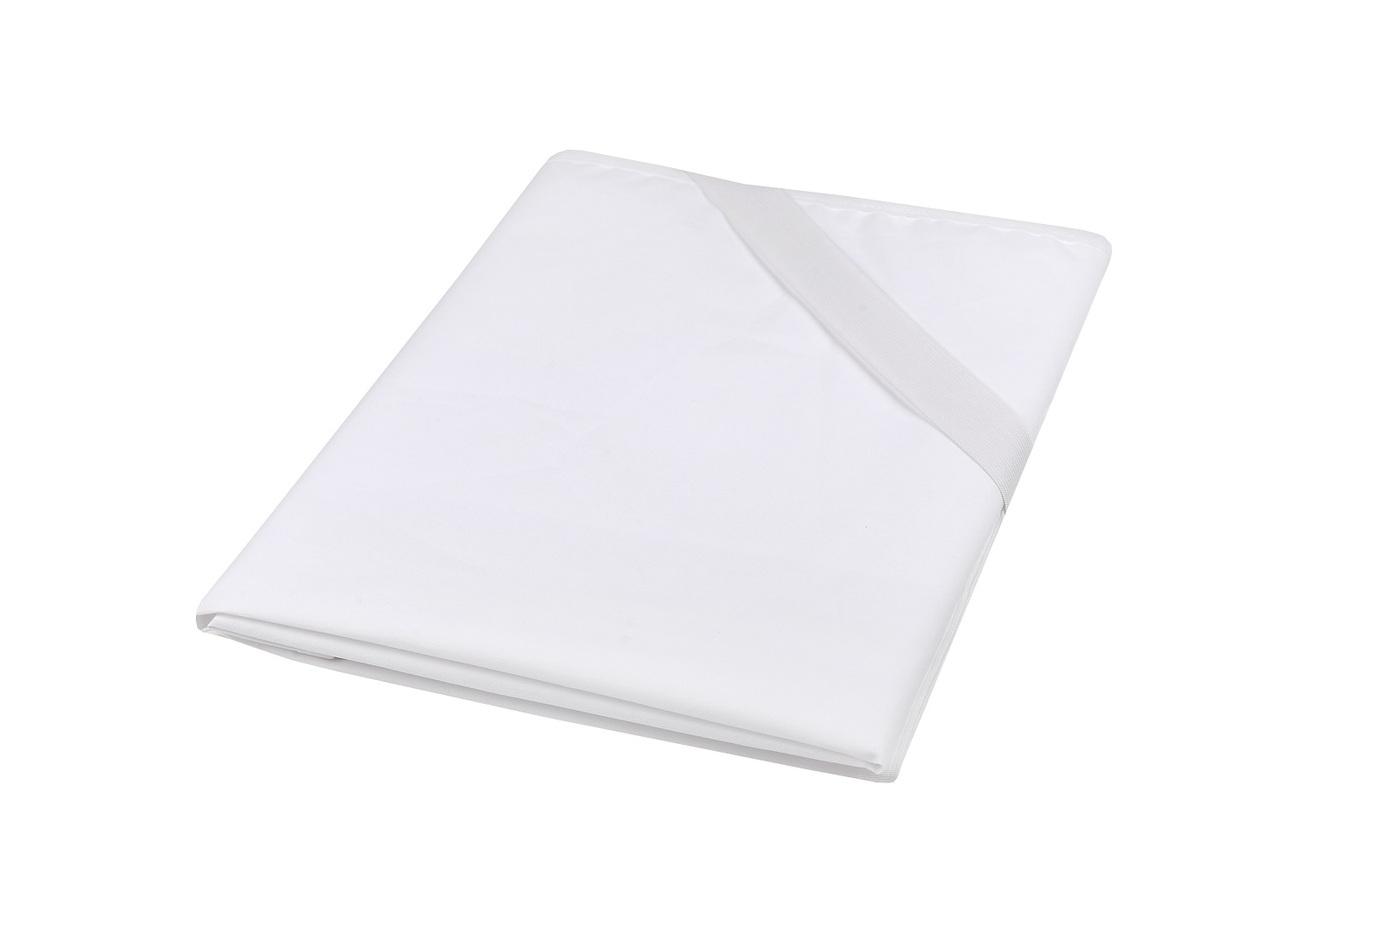 Простыня Sn Textile П-НДжСР-90 Полиэстер, Мембранные материалы, 90x200, белый